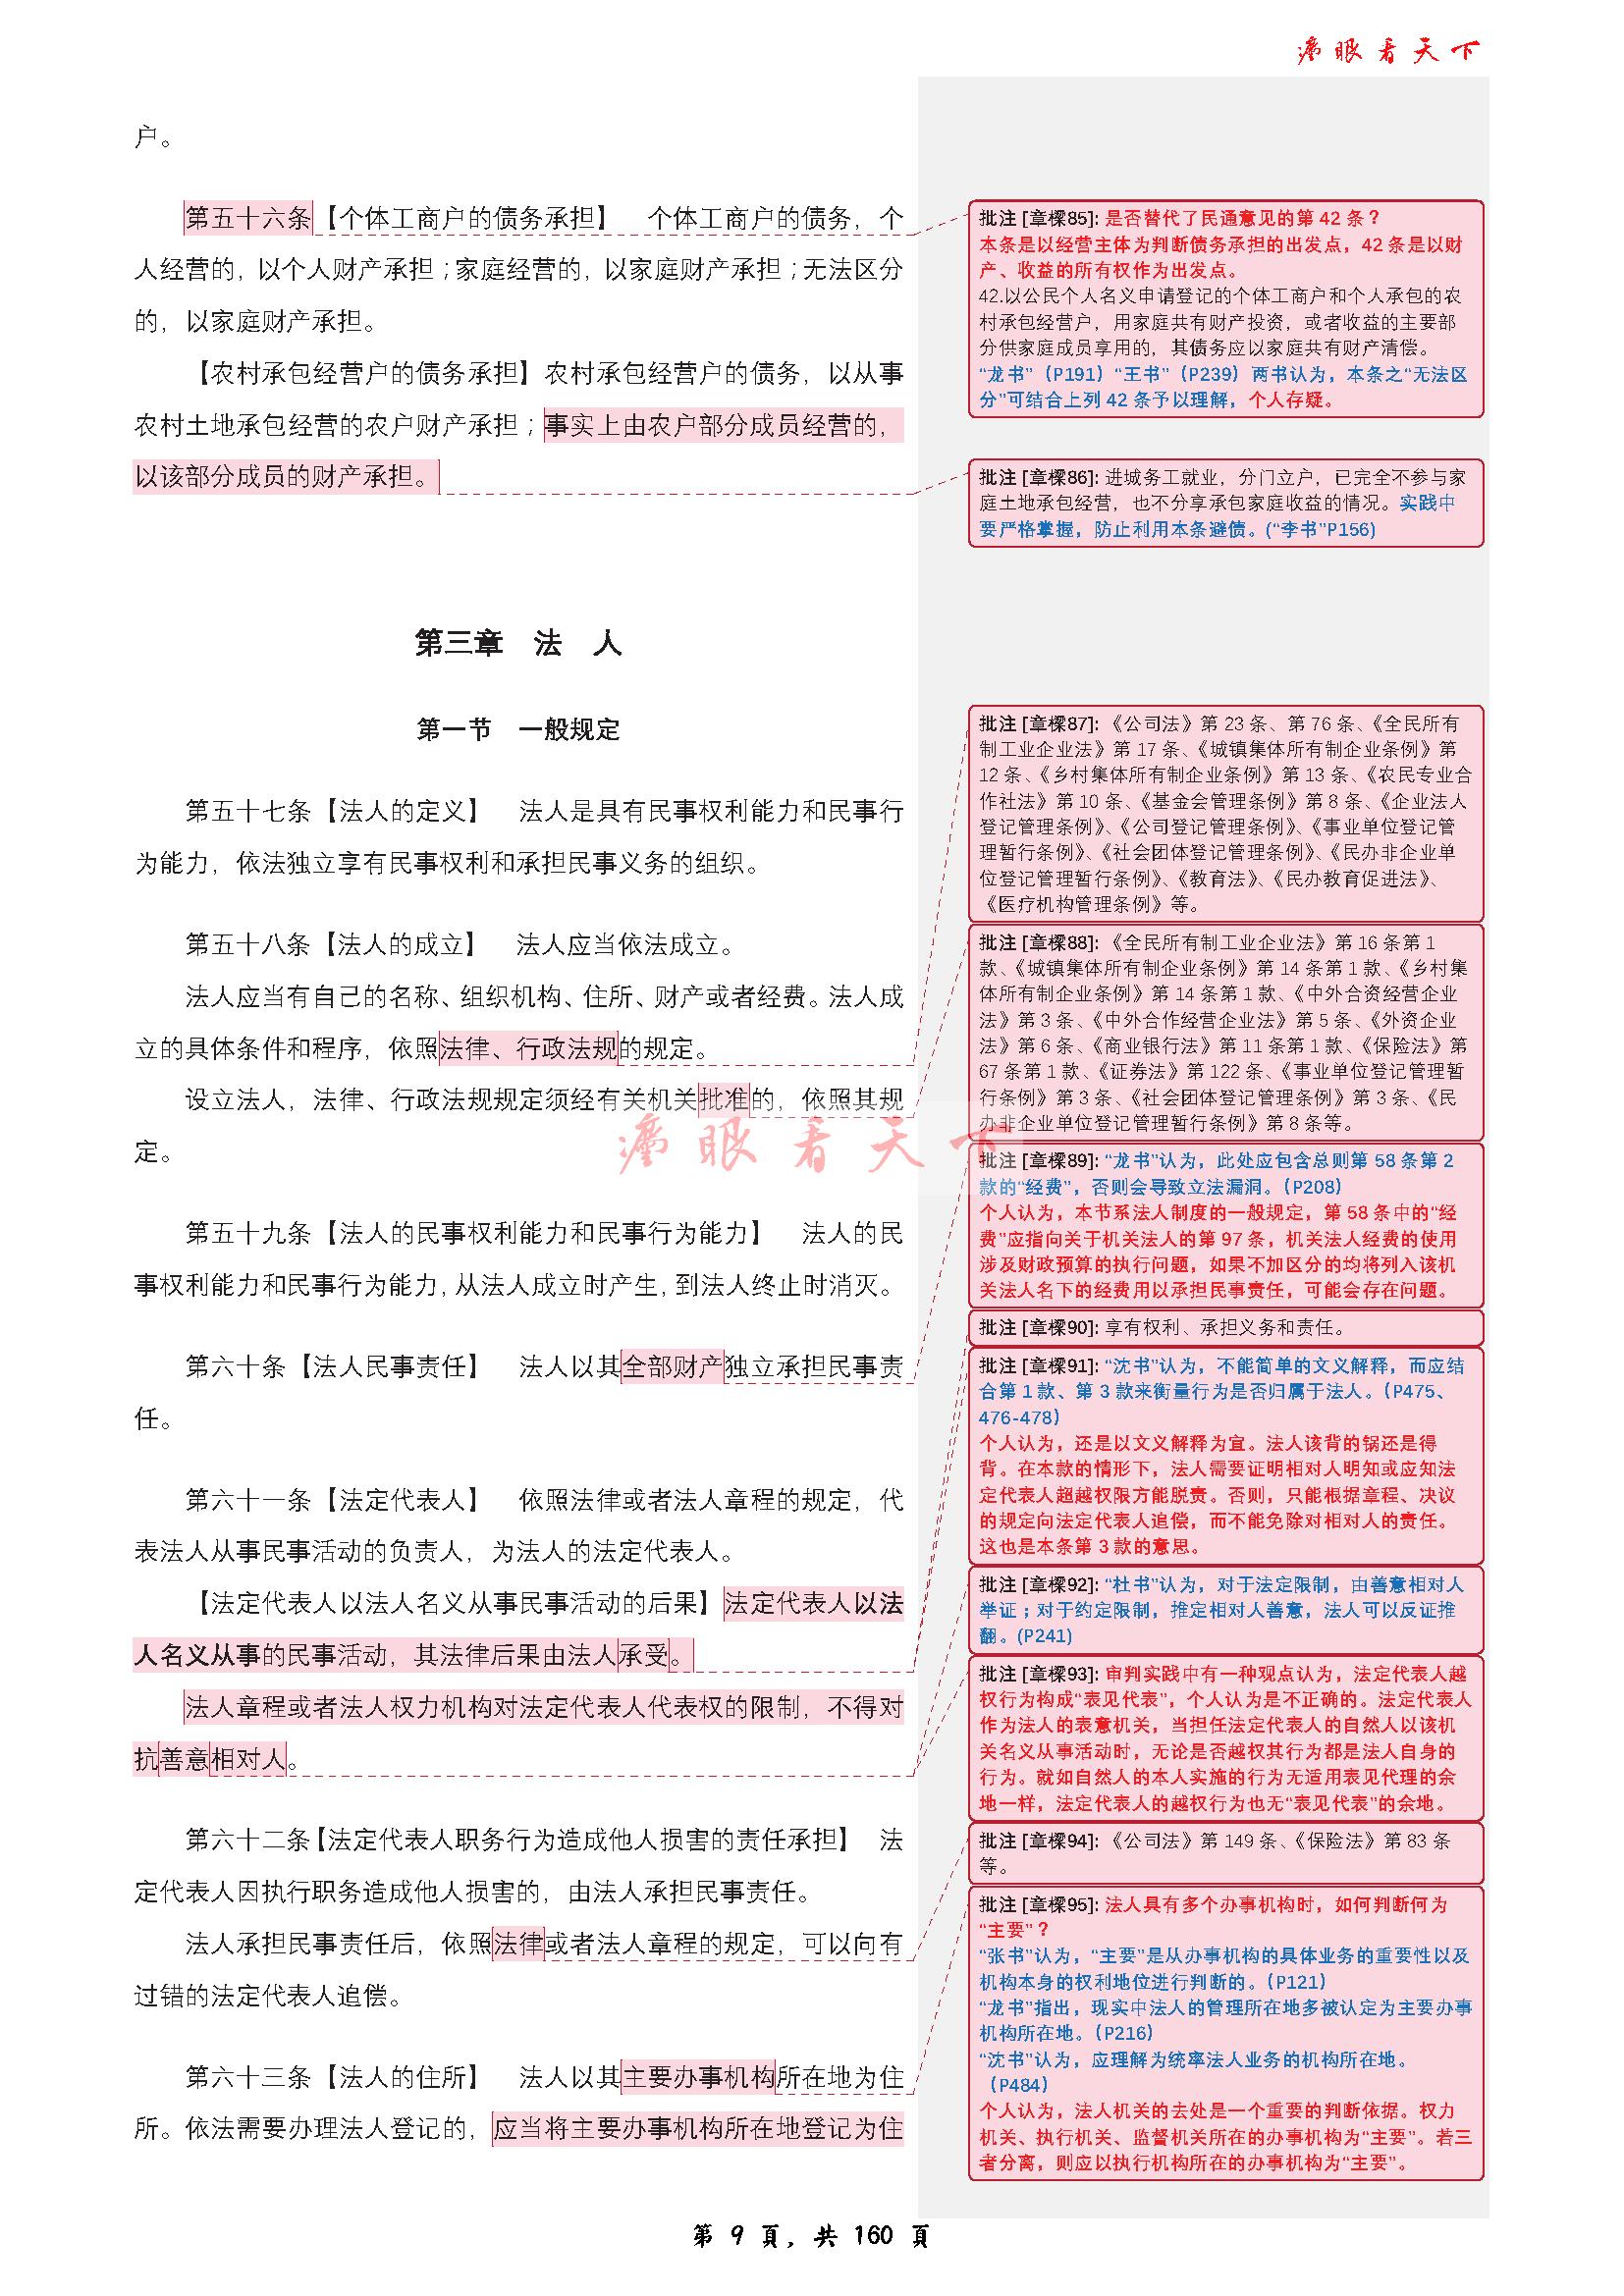 民法总则批注_页面_09.png